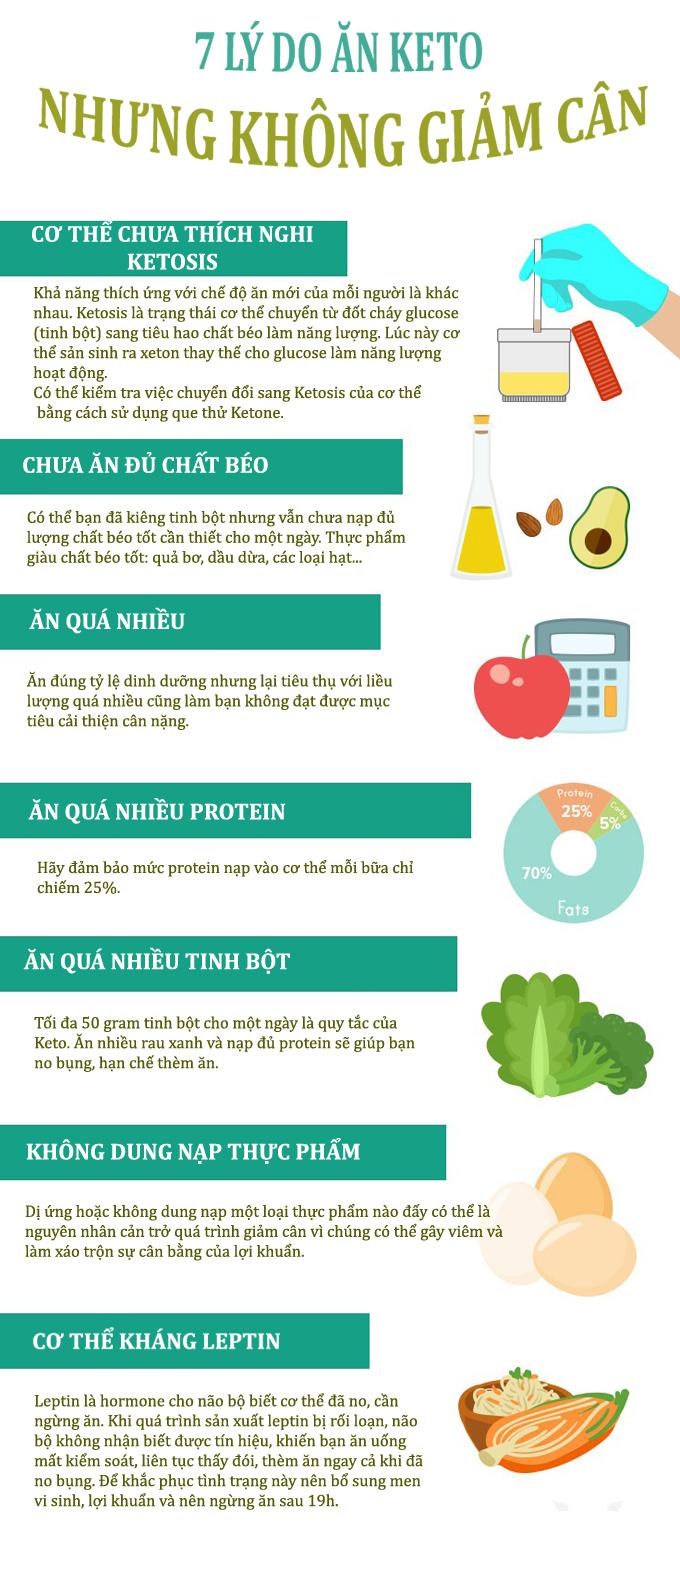 7 lý do ăn Keto mãi nhưng không giảm được cân nào